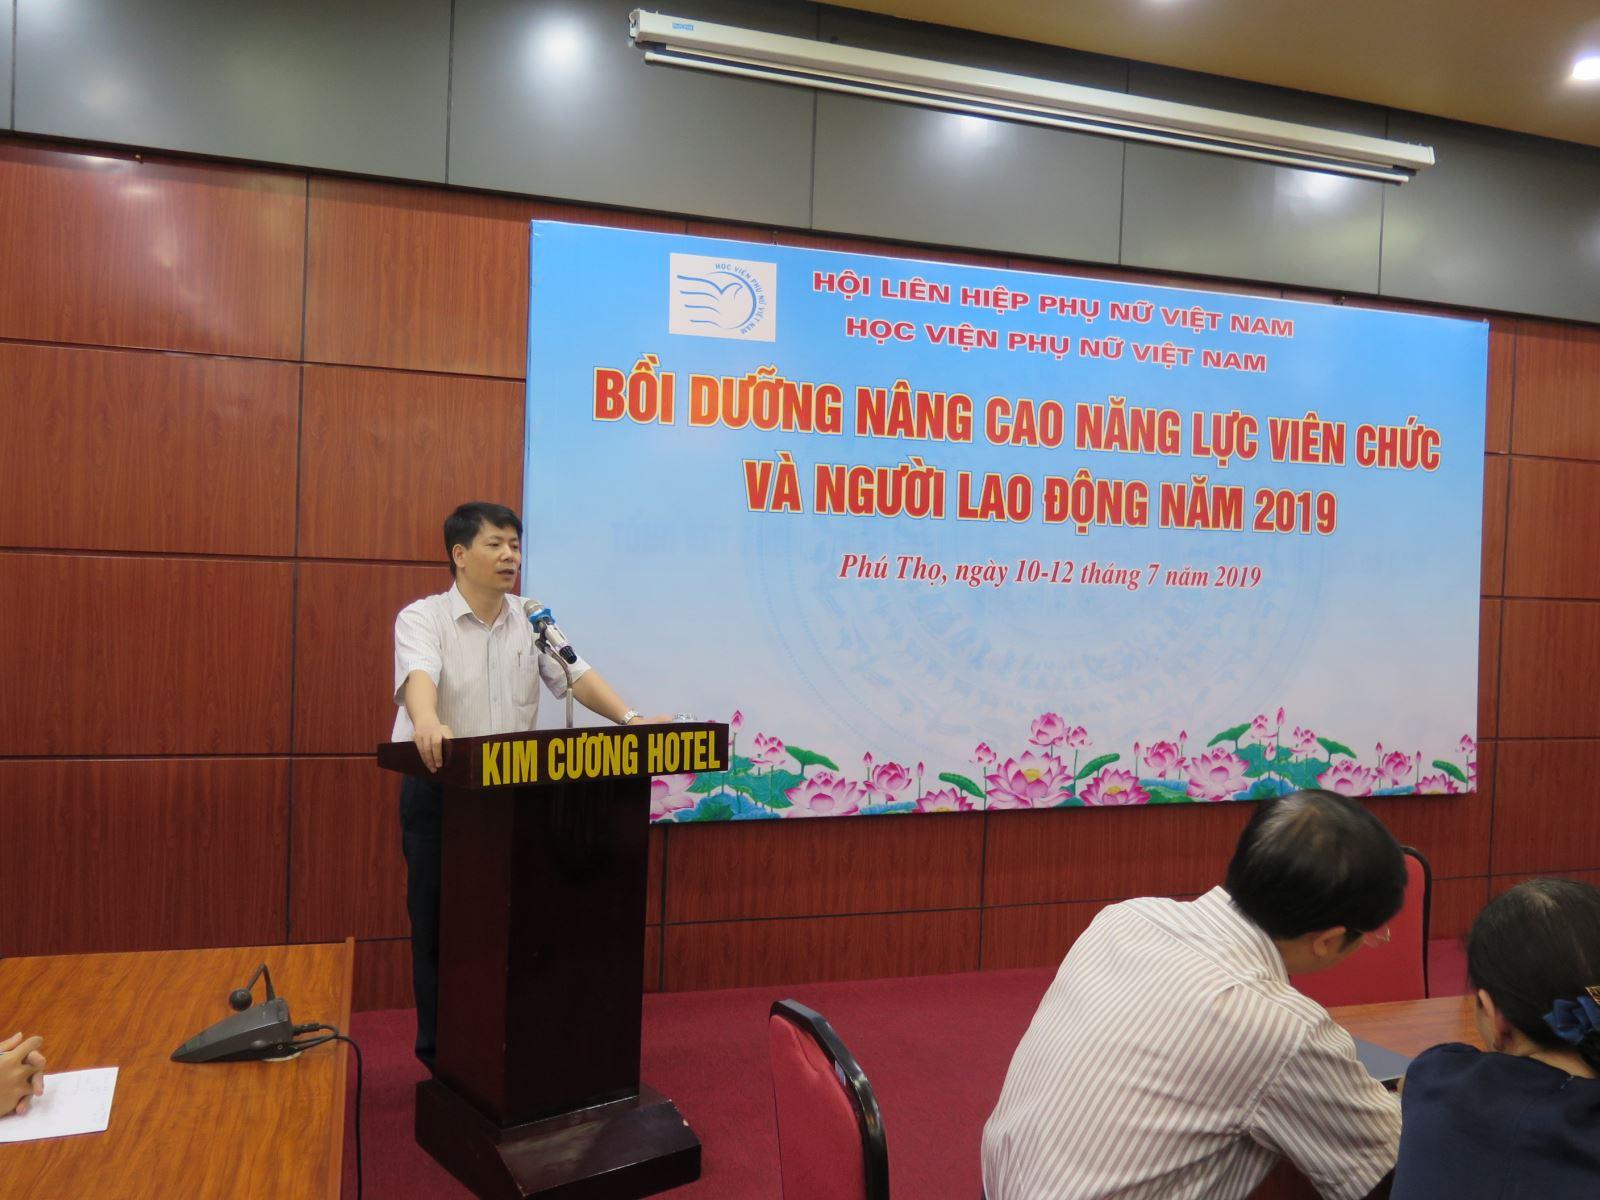 Học viện Phụ nữ Việt Nam tổ chức tập huấn nâng cao năng lực viên chức, người lao động năm 2019